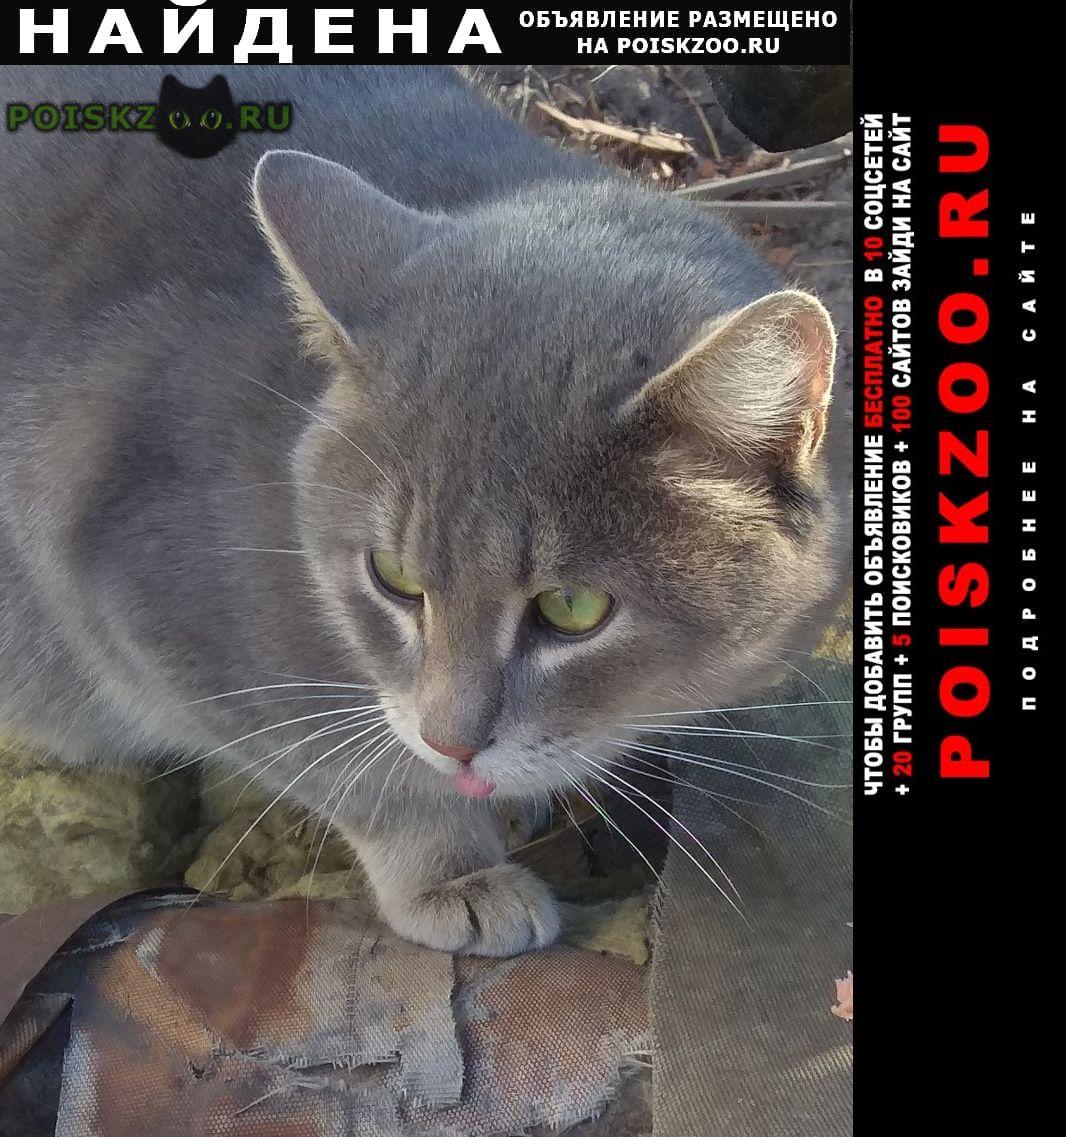 Найден кот или кошка г.Нижний Новгород